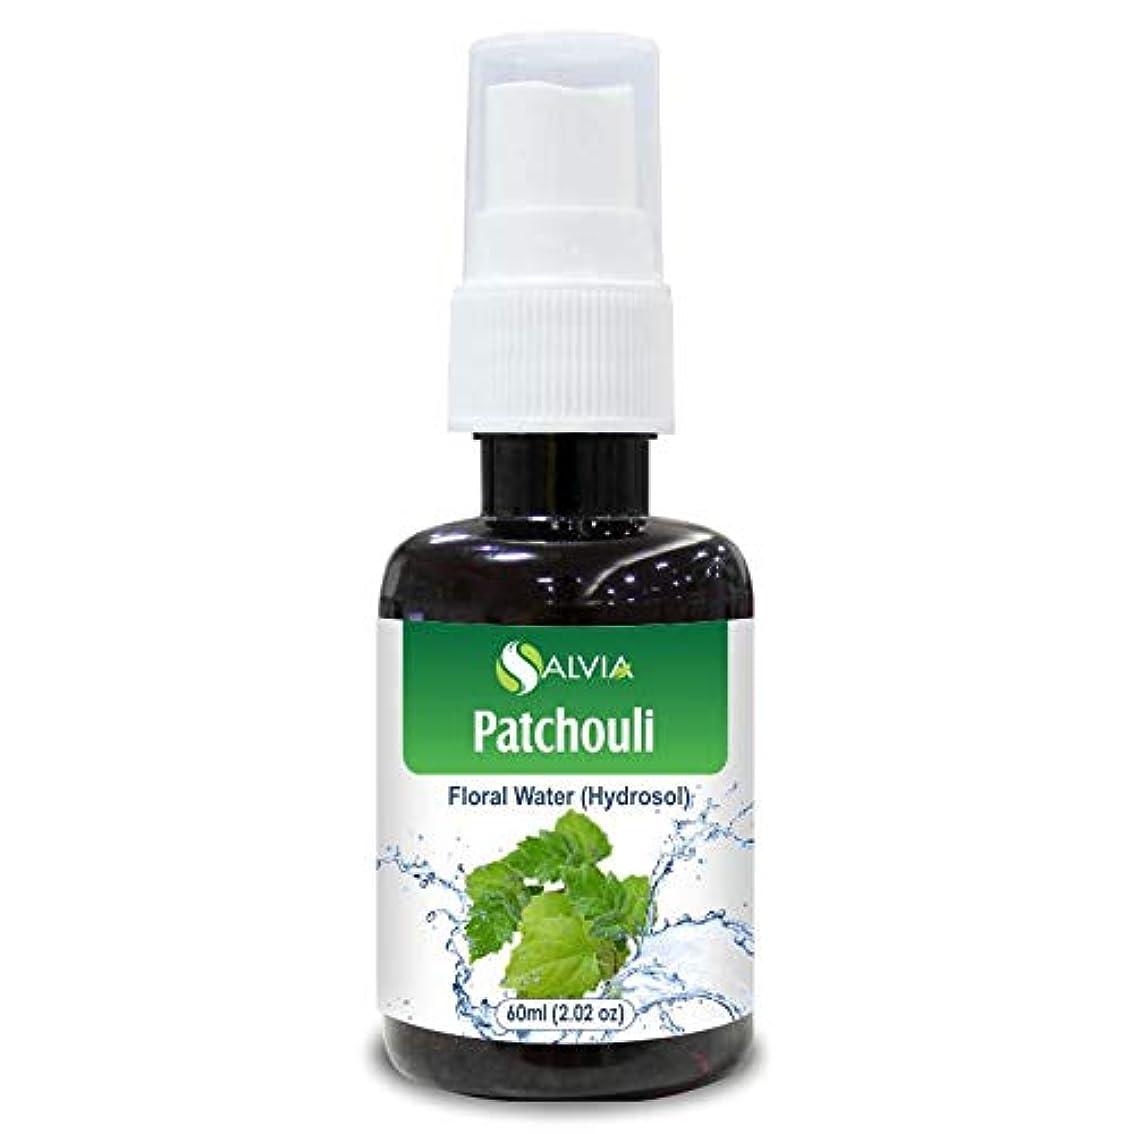 賢明な衣類エチケットPatchouli Floral Water 60ml (Hydrosol) 100% Pure And Natural